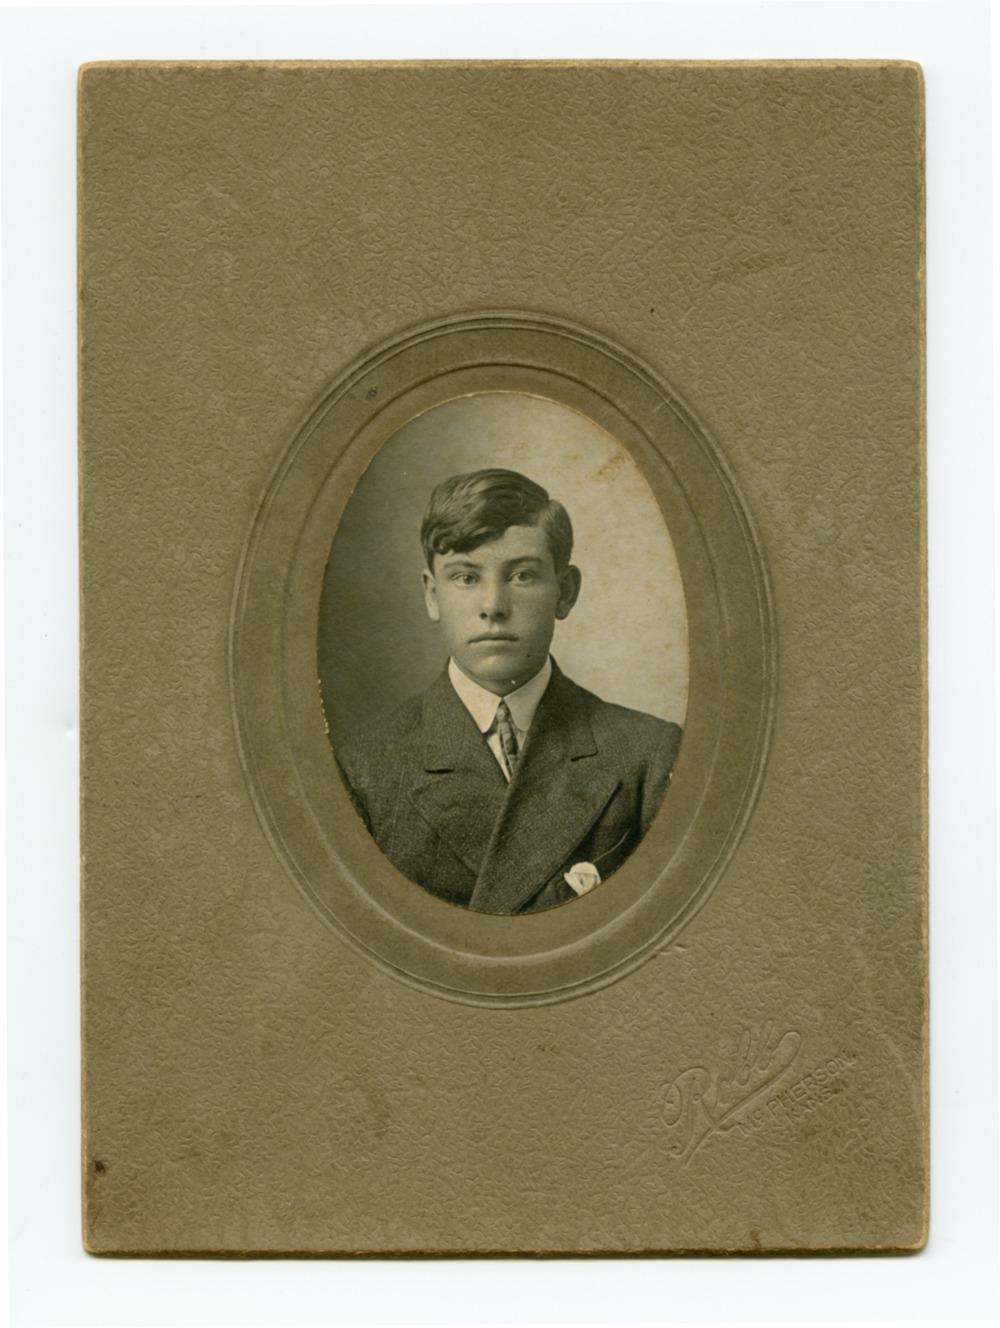 Arthur Edward Mattox - 1